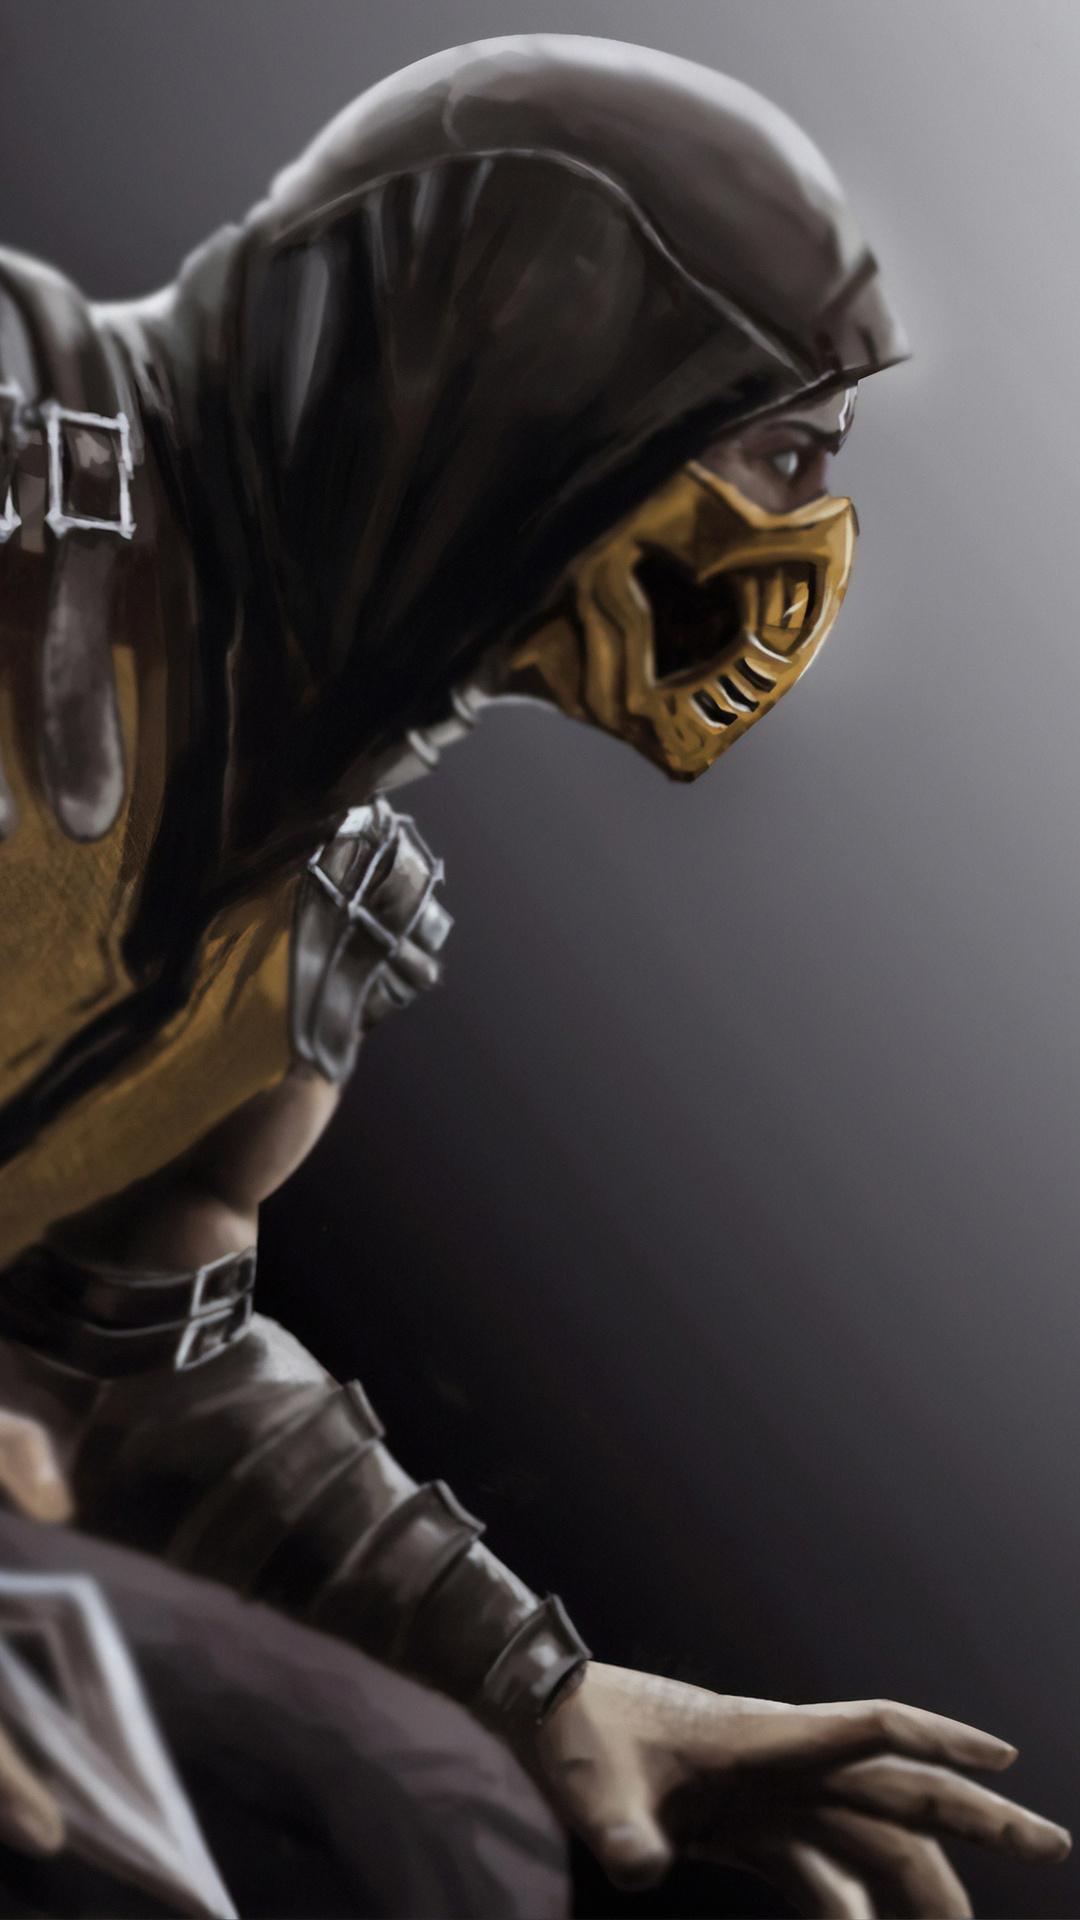 scorpion-mortal-kombat-x-art-4k-mr.jpg